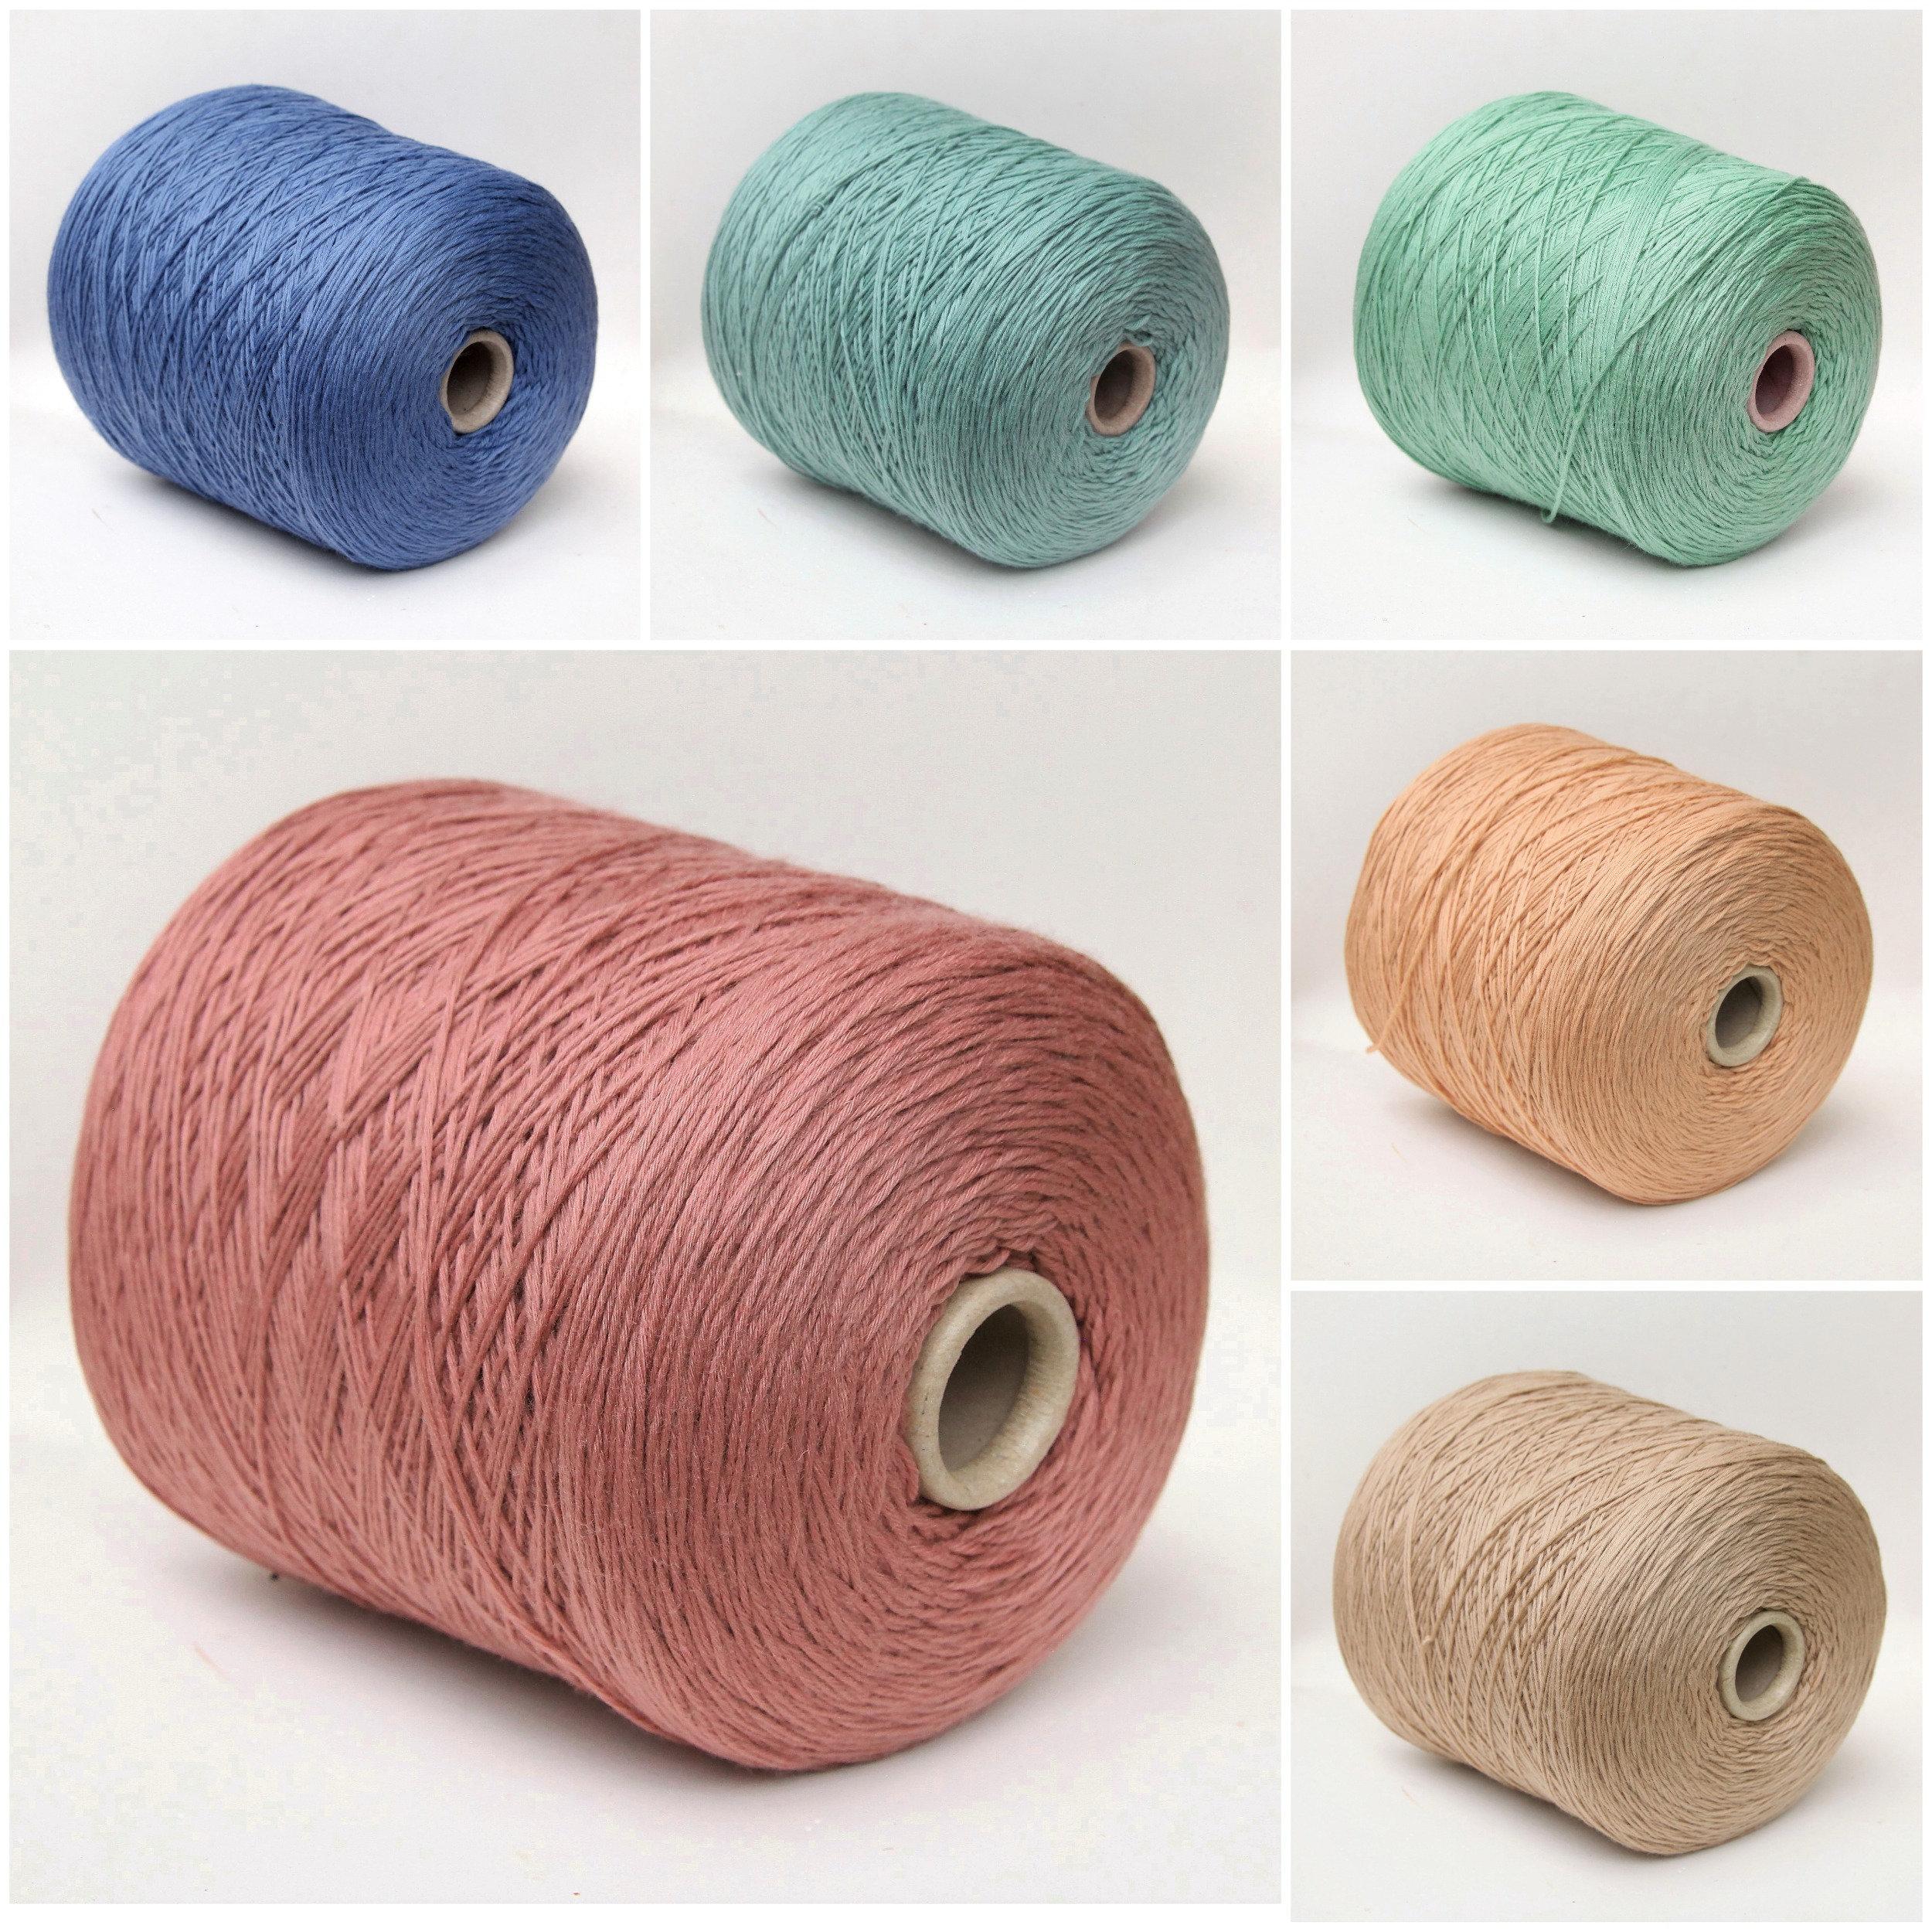 per 900g 100/% wool merino extrafine yarn on cone